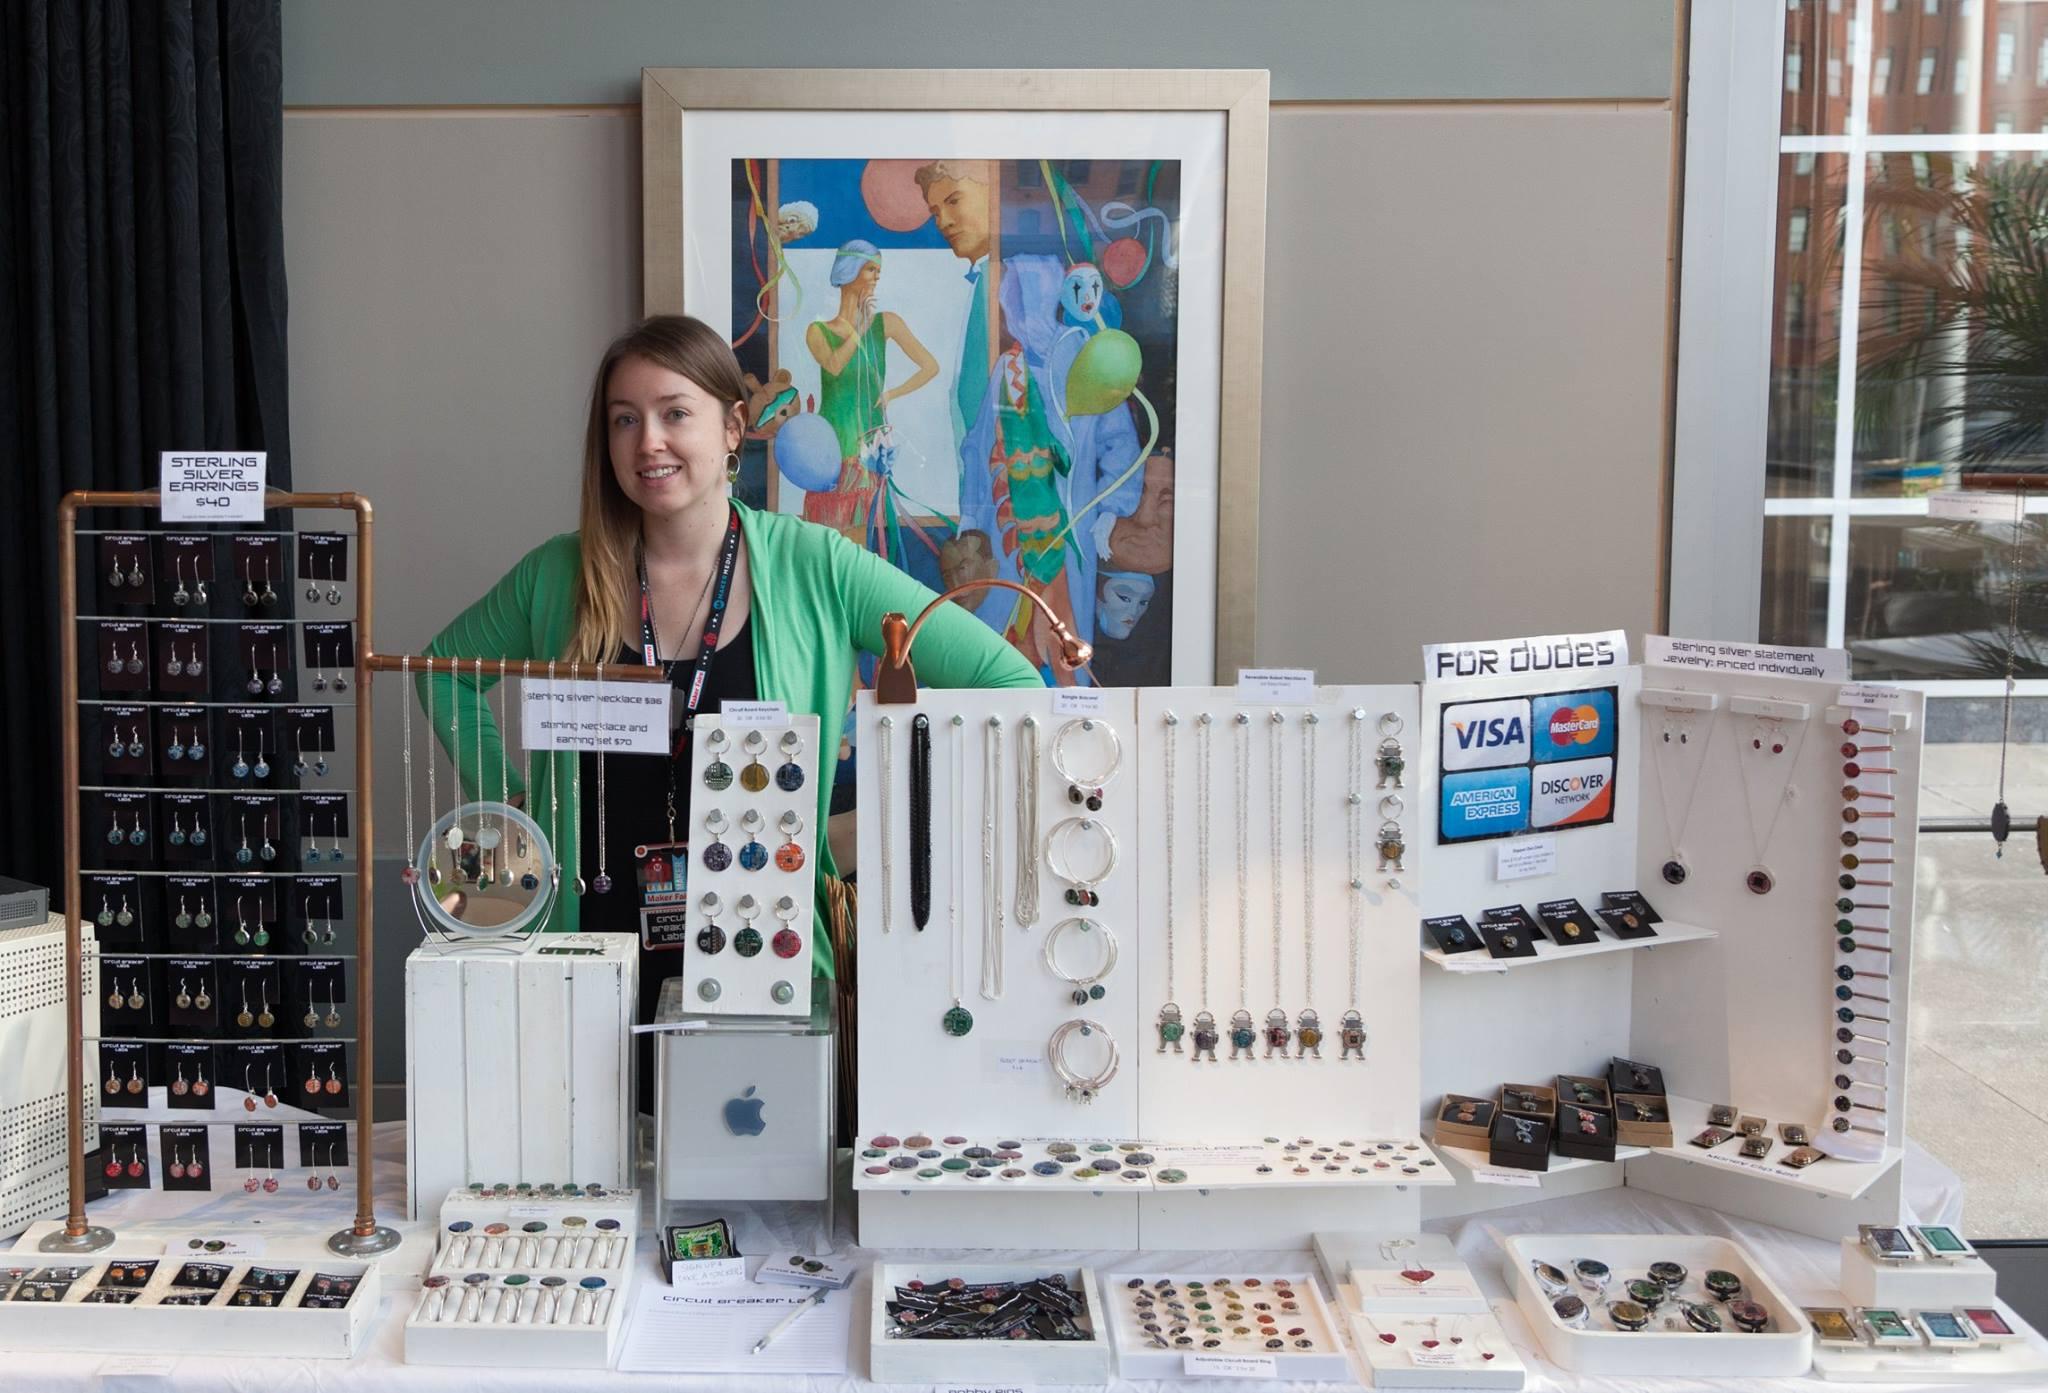 Maker Spotlight: Amanda Preske